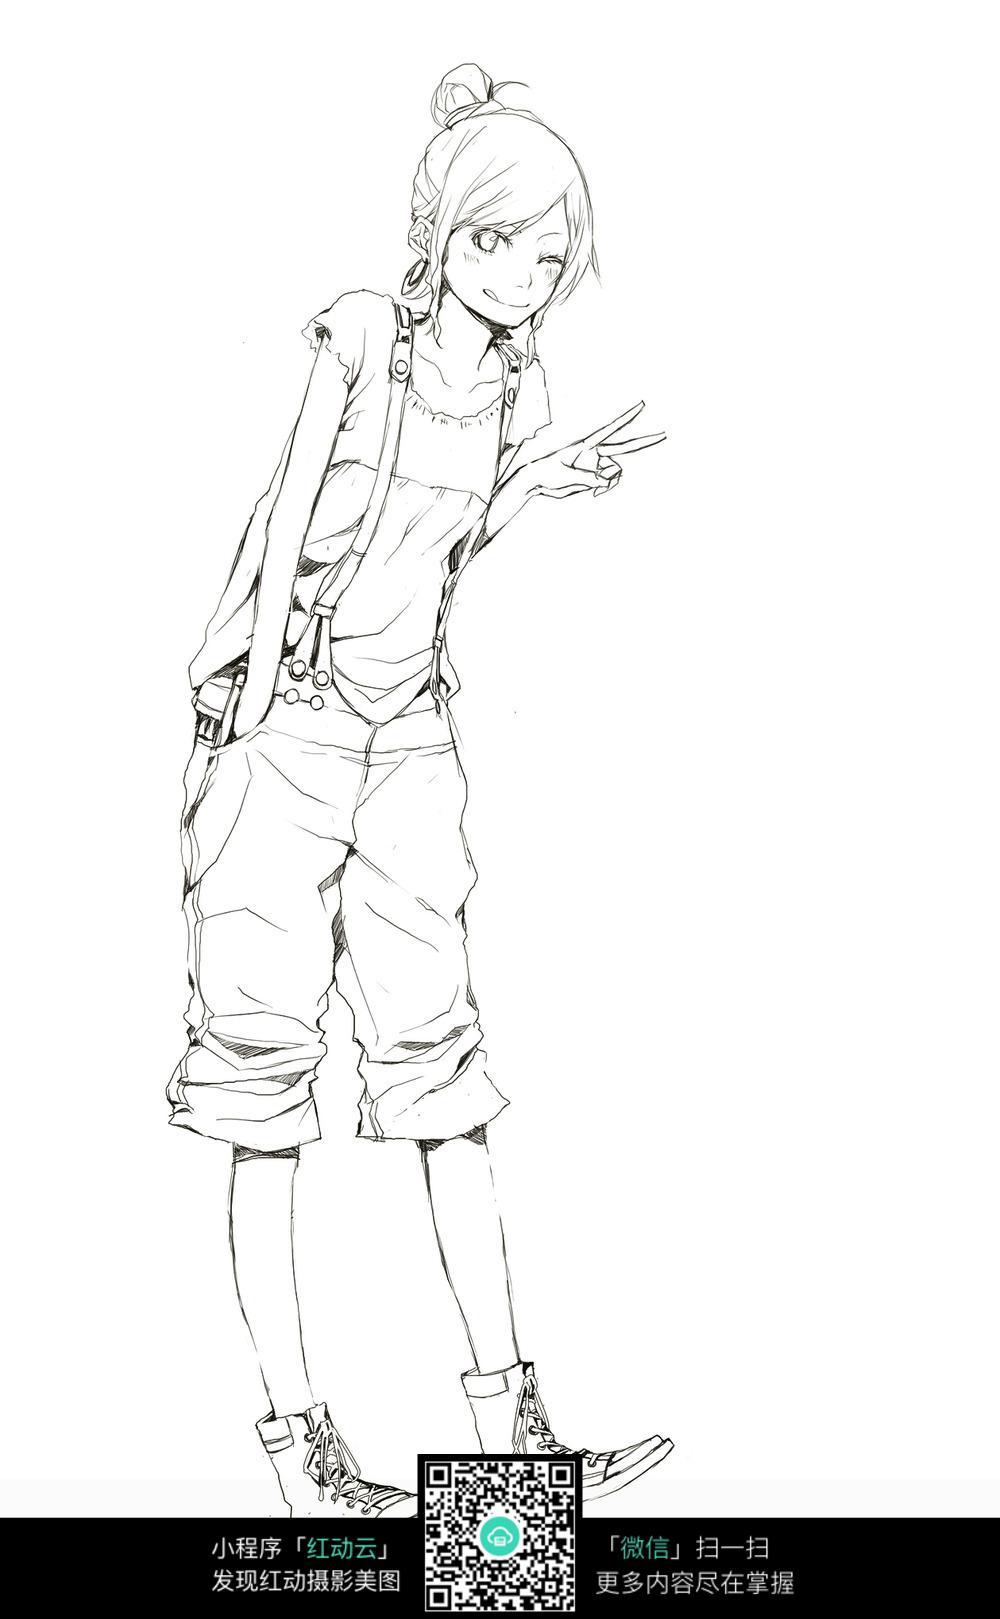 时尚女孩卡通手绘线稿